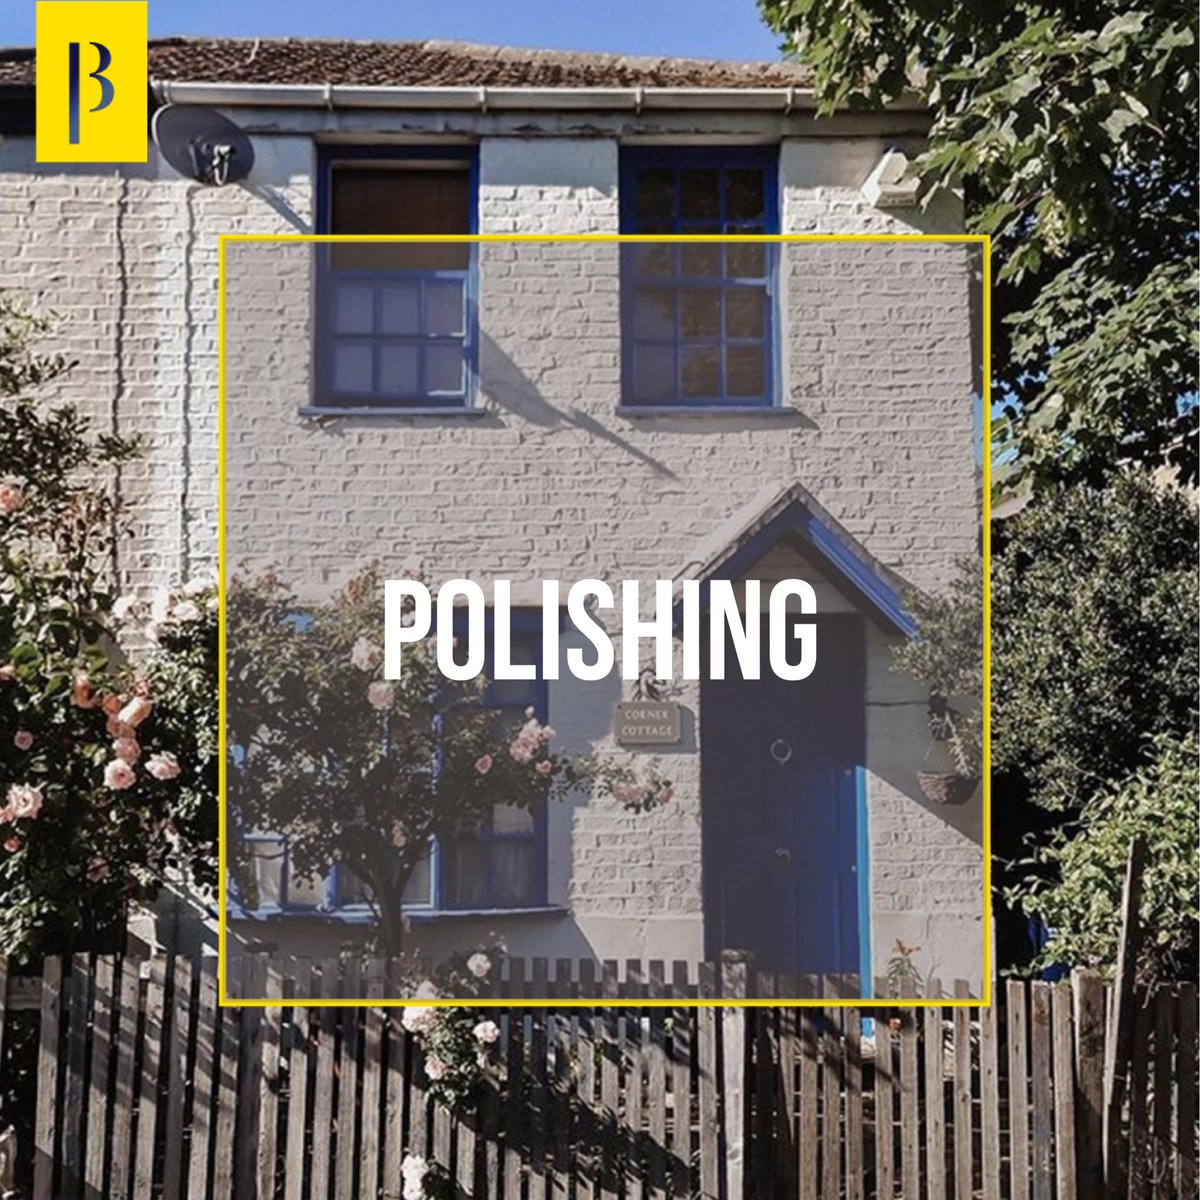 """تعرف على مصطلحات معمارية ••• """"Polishing"""" - """"تلميع"""" ... مصطلح يقصد به أعمال التلميع للخامات سواء كان سيراميك أو رخام أو ايبوكسي https://t.co/dFrRSJfDf2"""